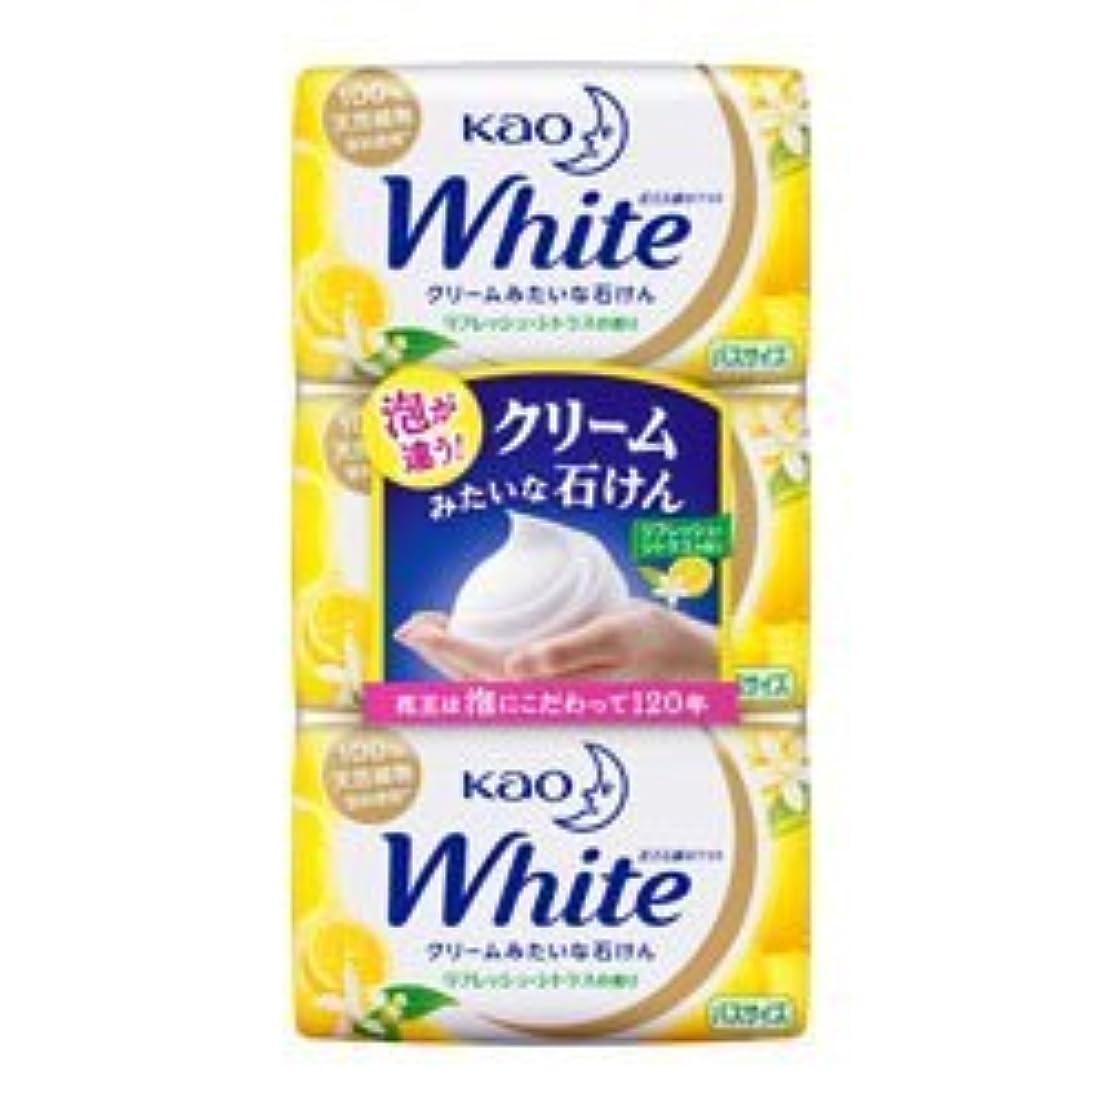 裕福なそれ作成者【花王】ホワイト リフレッシュ?シトラスの香り バスサイズ 130g×3個入 ×3個セット